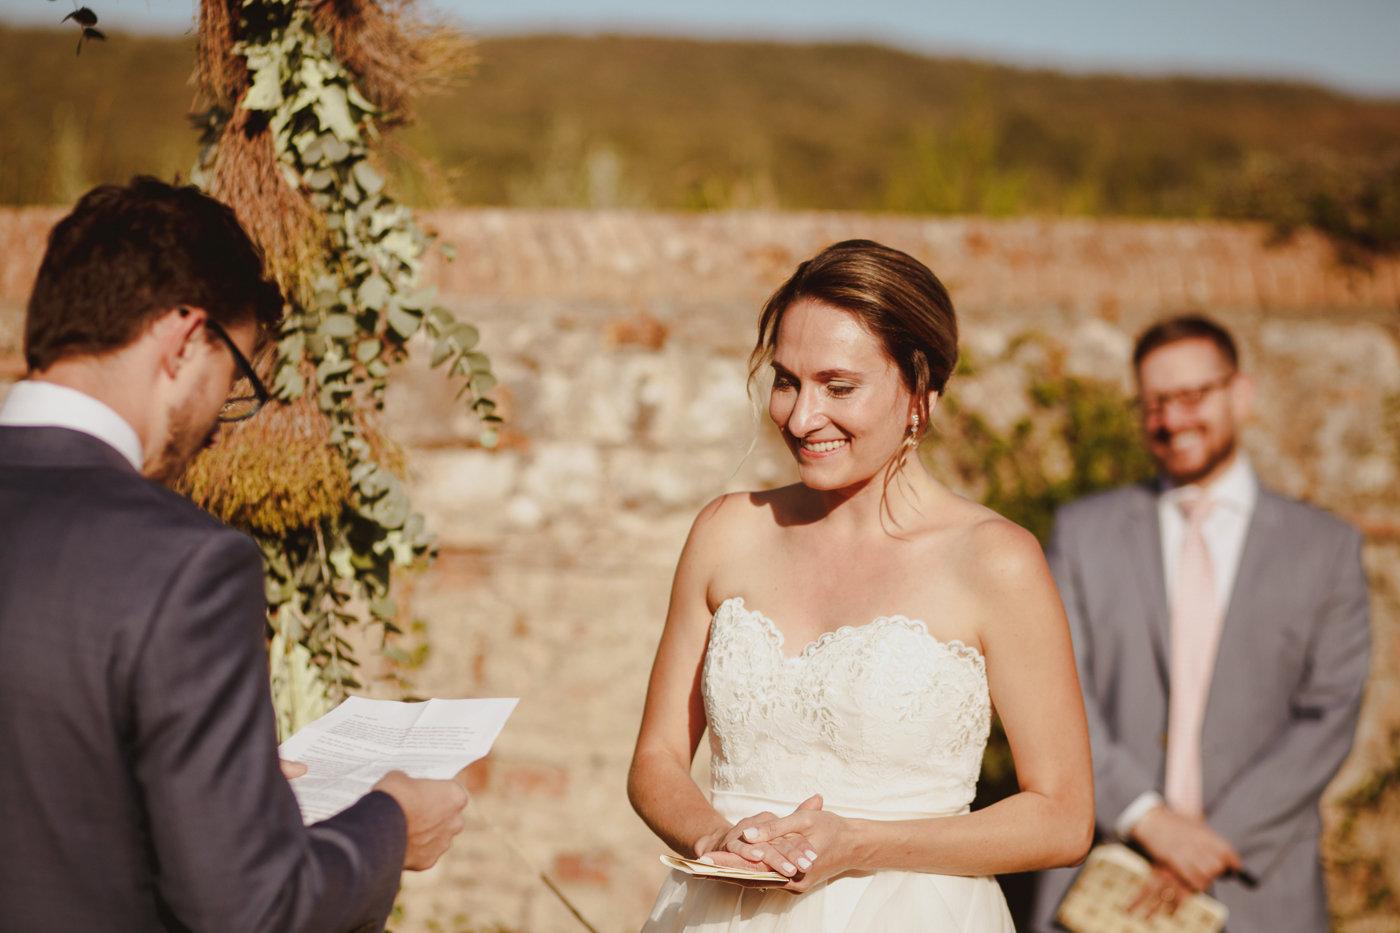 tenuta-di-bichi-borghesi-wedding-27.jpg